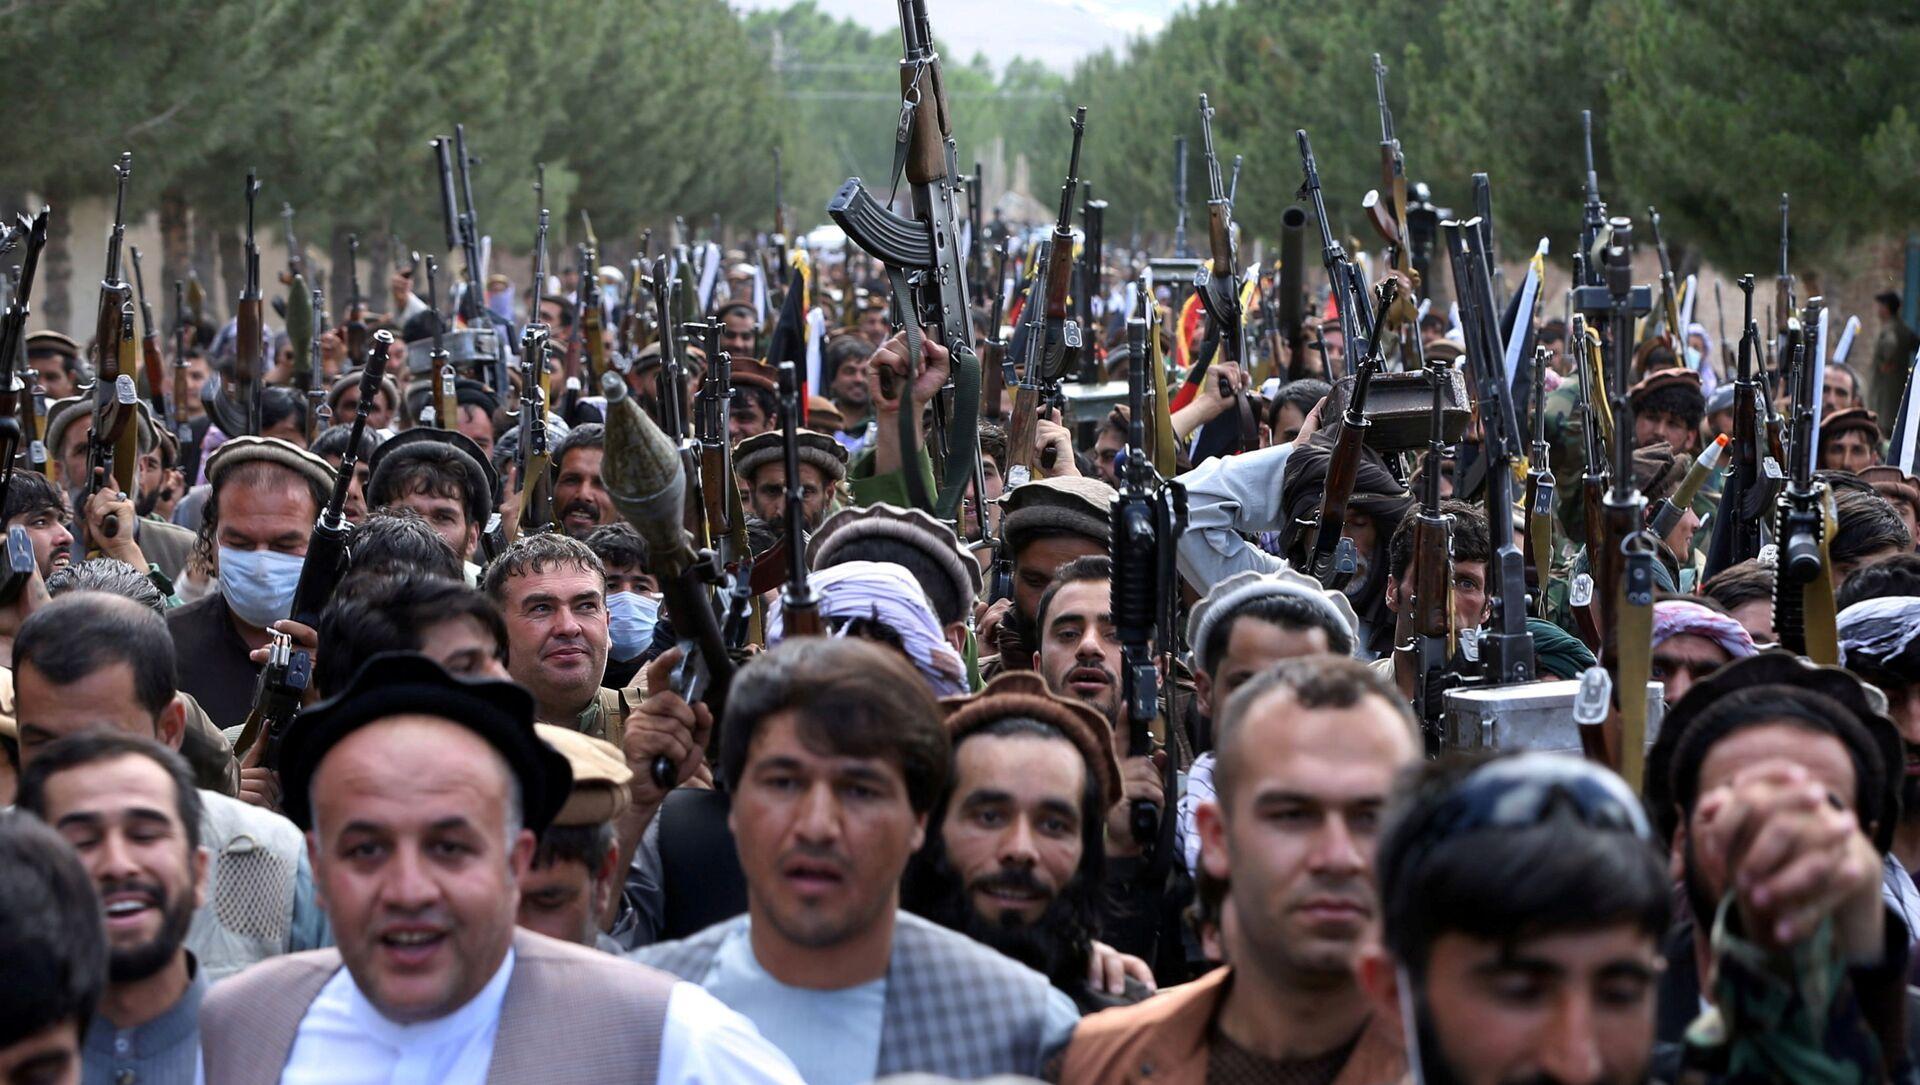 Сотни вооруженных людей на окраине Кабула, Афганистан, 23 июня 2021 года. - Sputnik Азербайджан, 1920, 06.09.2021